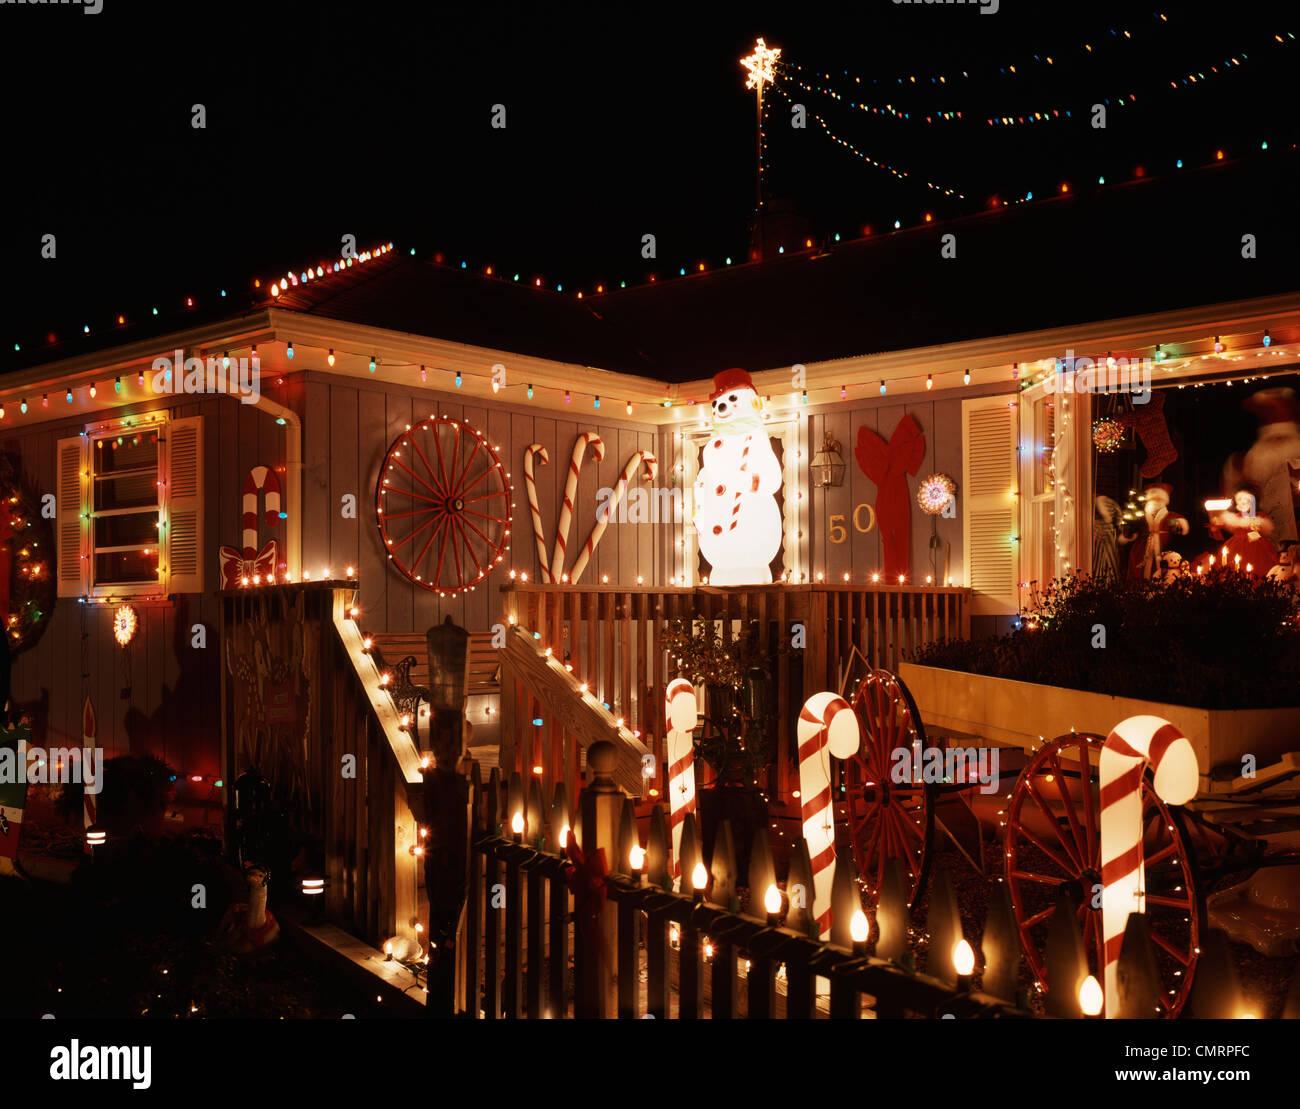 Christmas Lights Jersey: Lakewood Christmas Lights